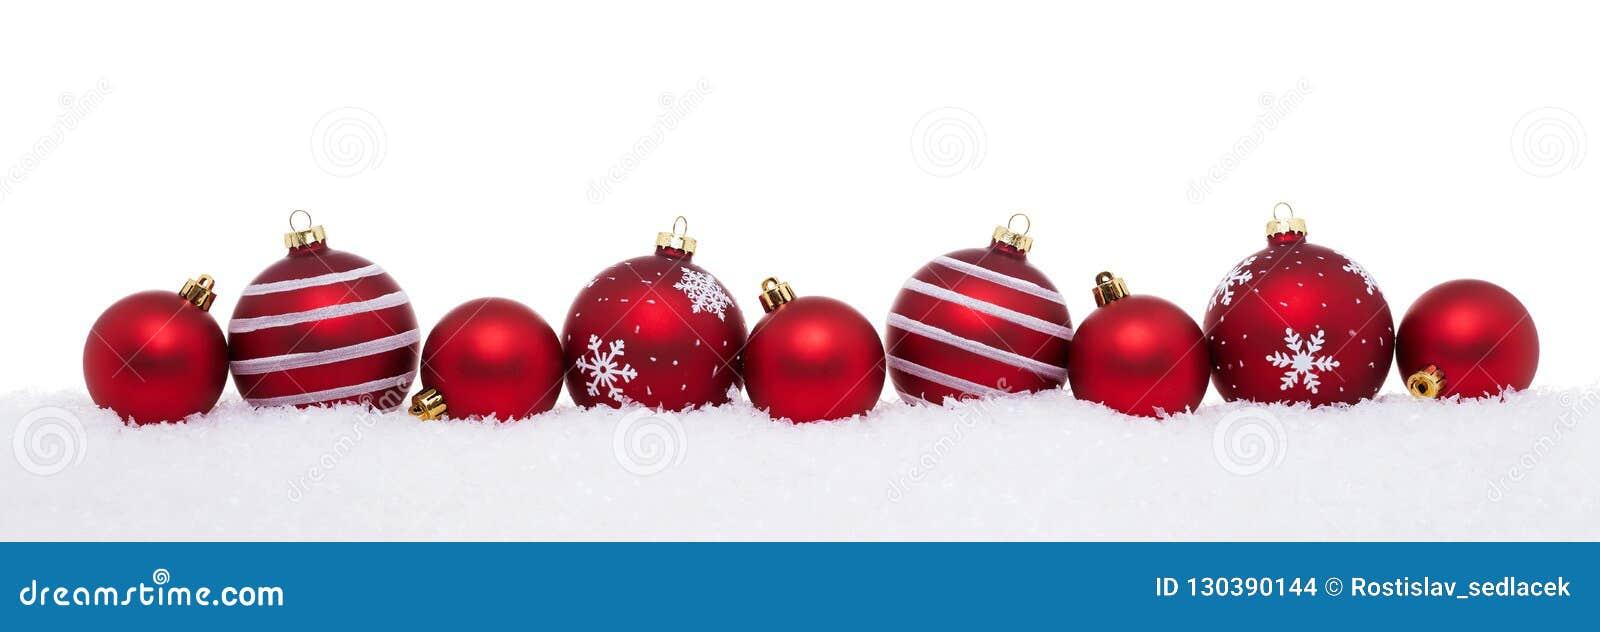 Κόκκινες μεγάλες και μικρές σφαίρες Χριστουγέννων που απομονώνονται στο χιόνι